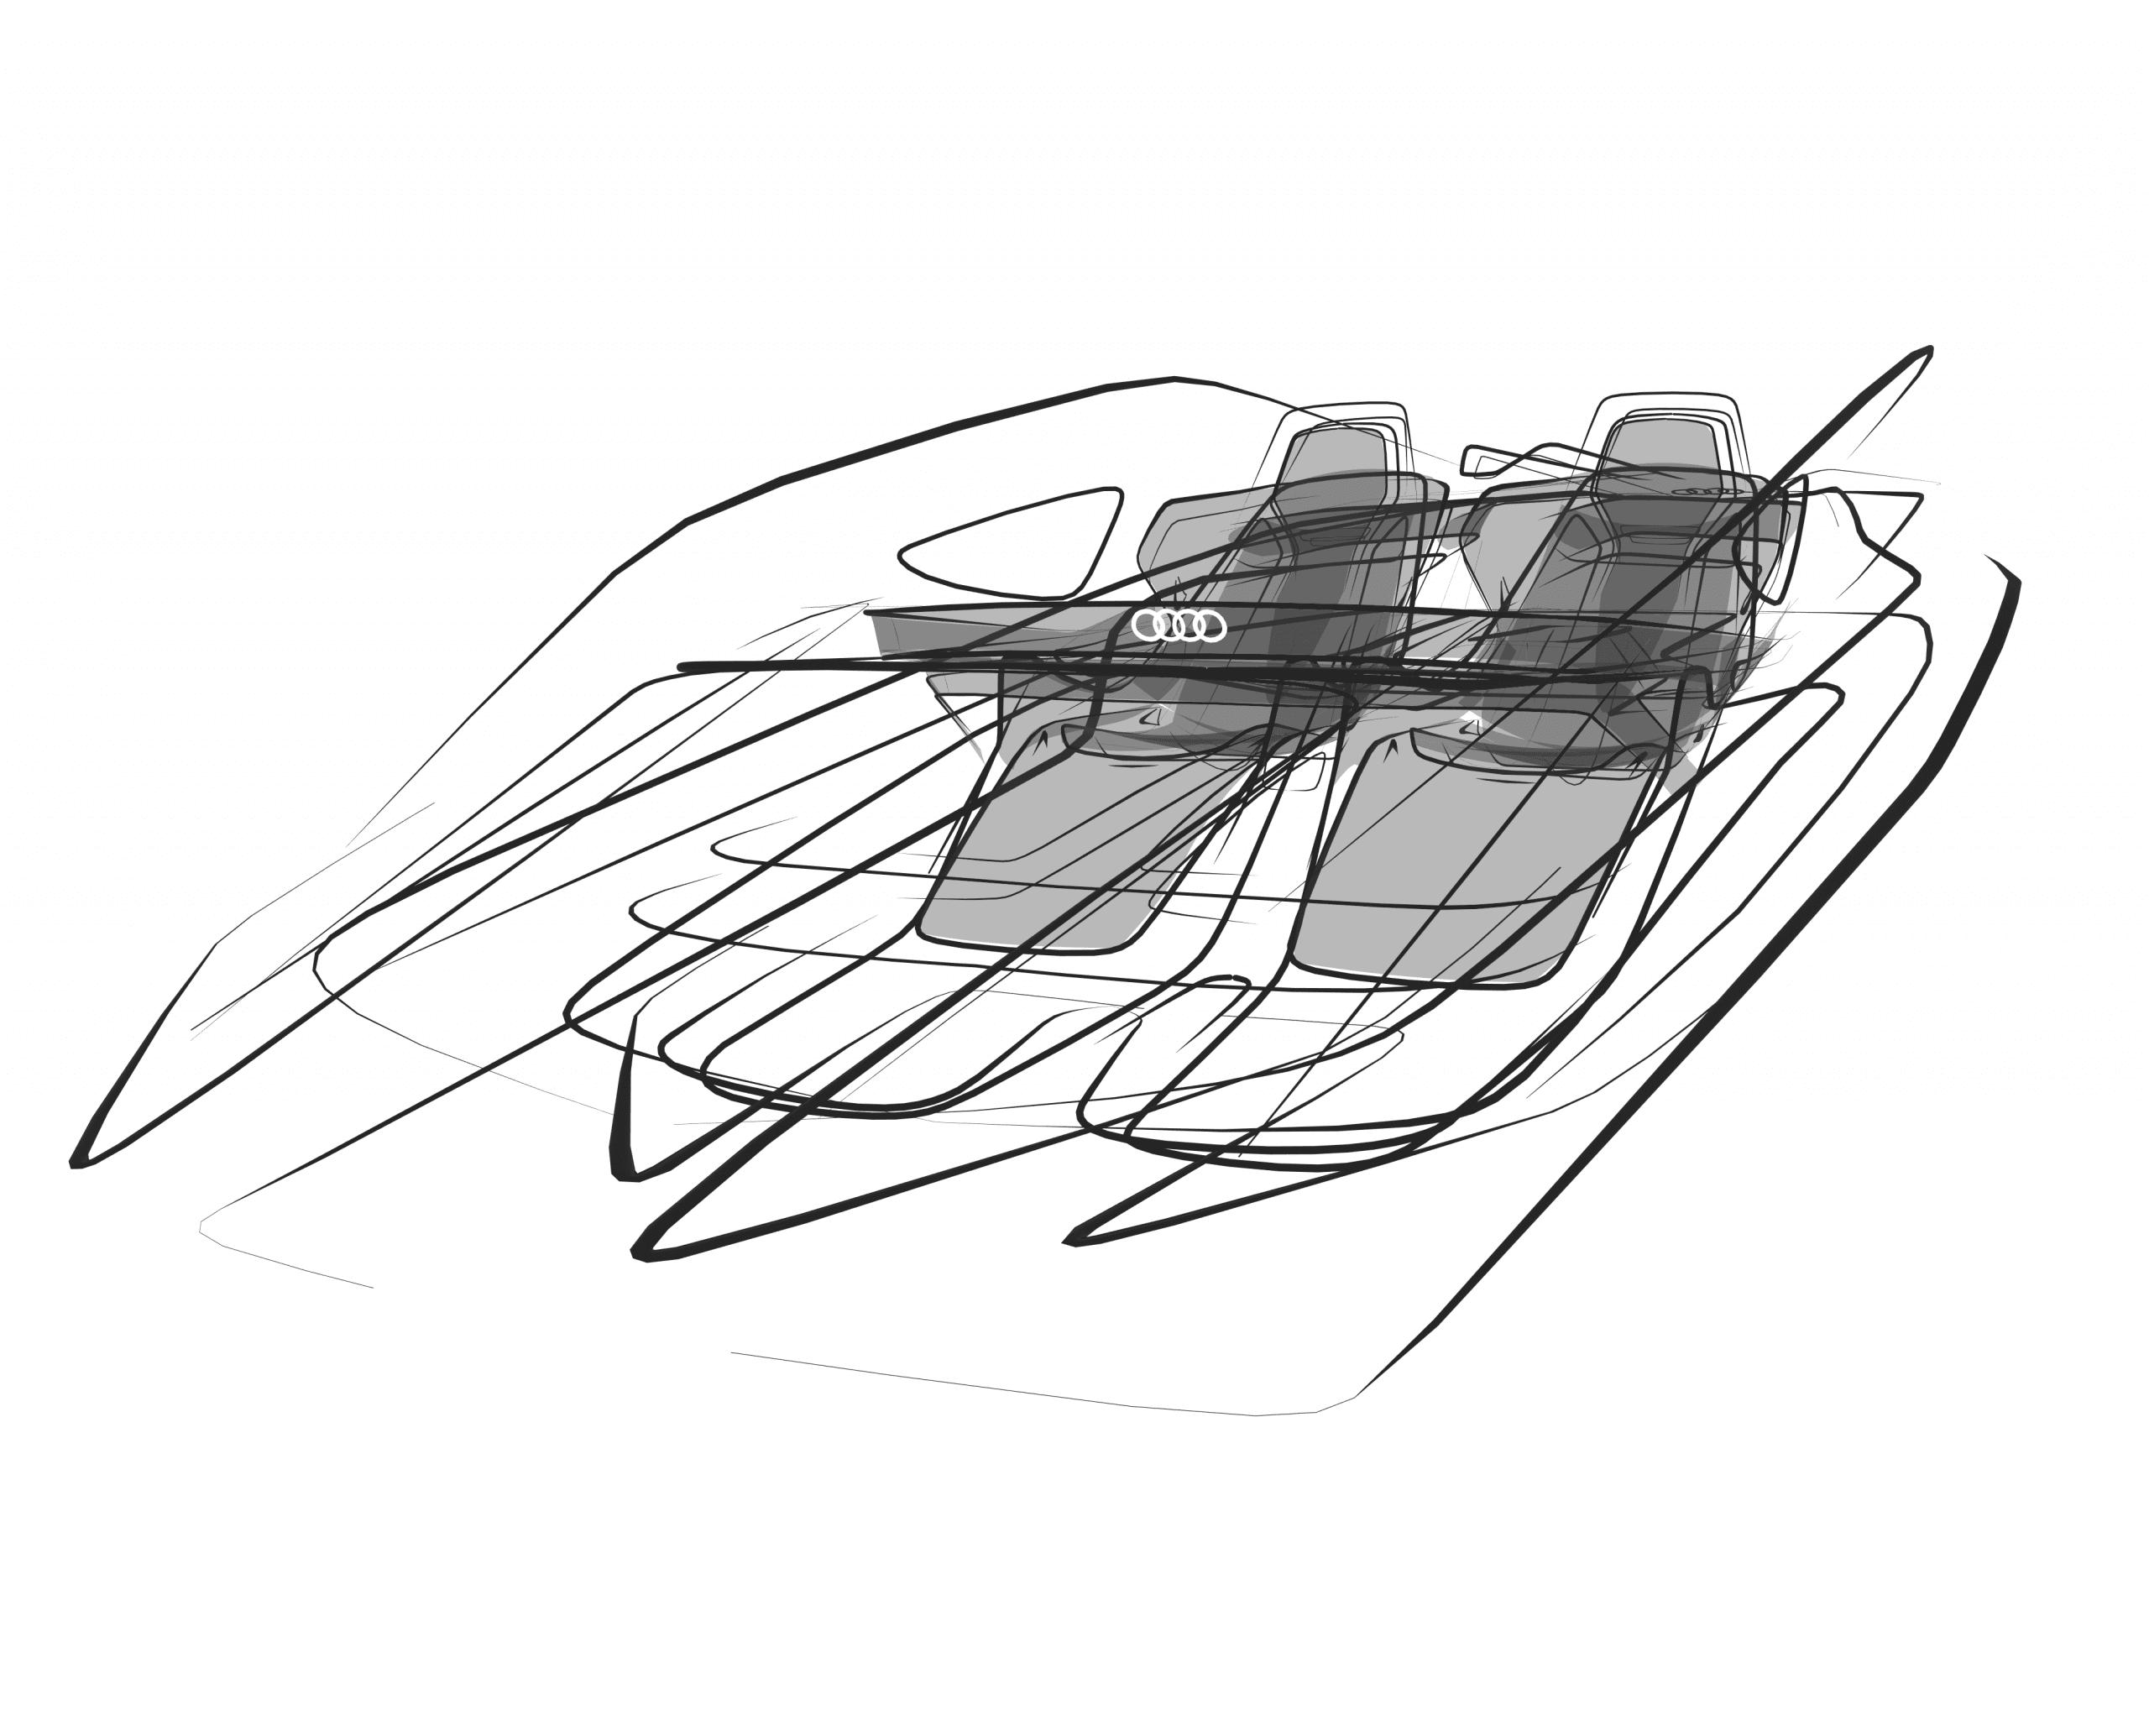 Audi Car designed in Gravity Sketch by Nikolai Proskurin, Audi AG Concept Designer and Gravity Sketcher